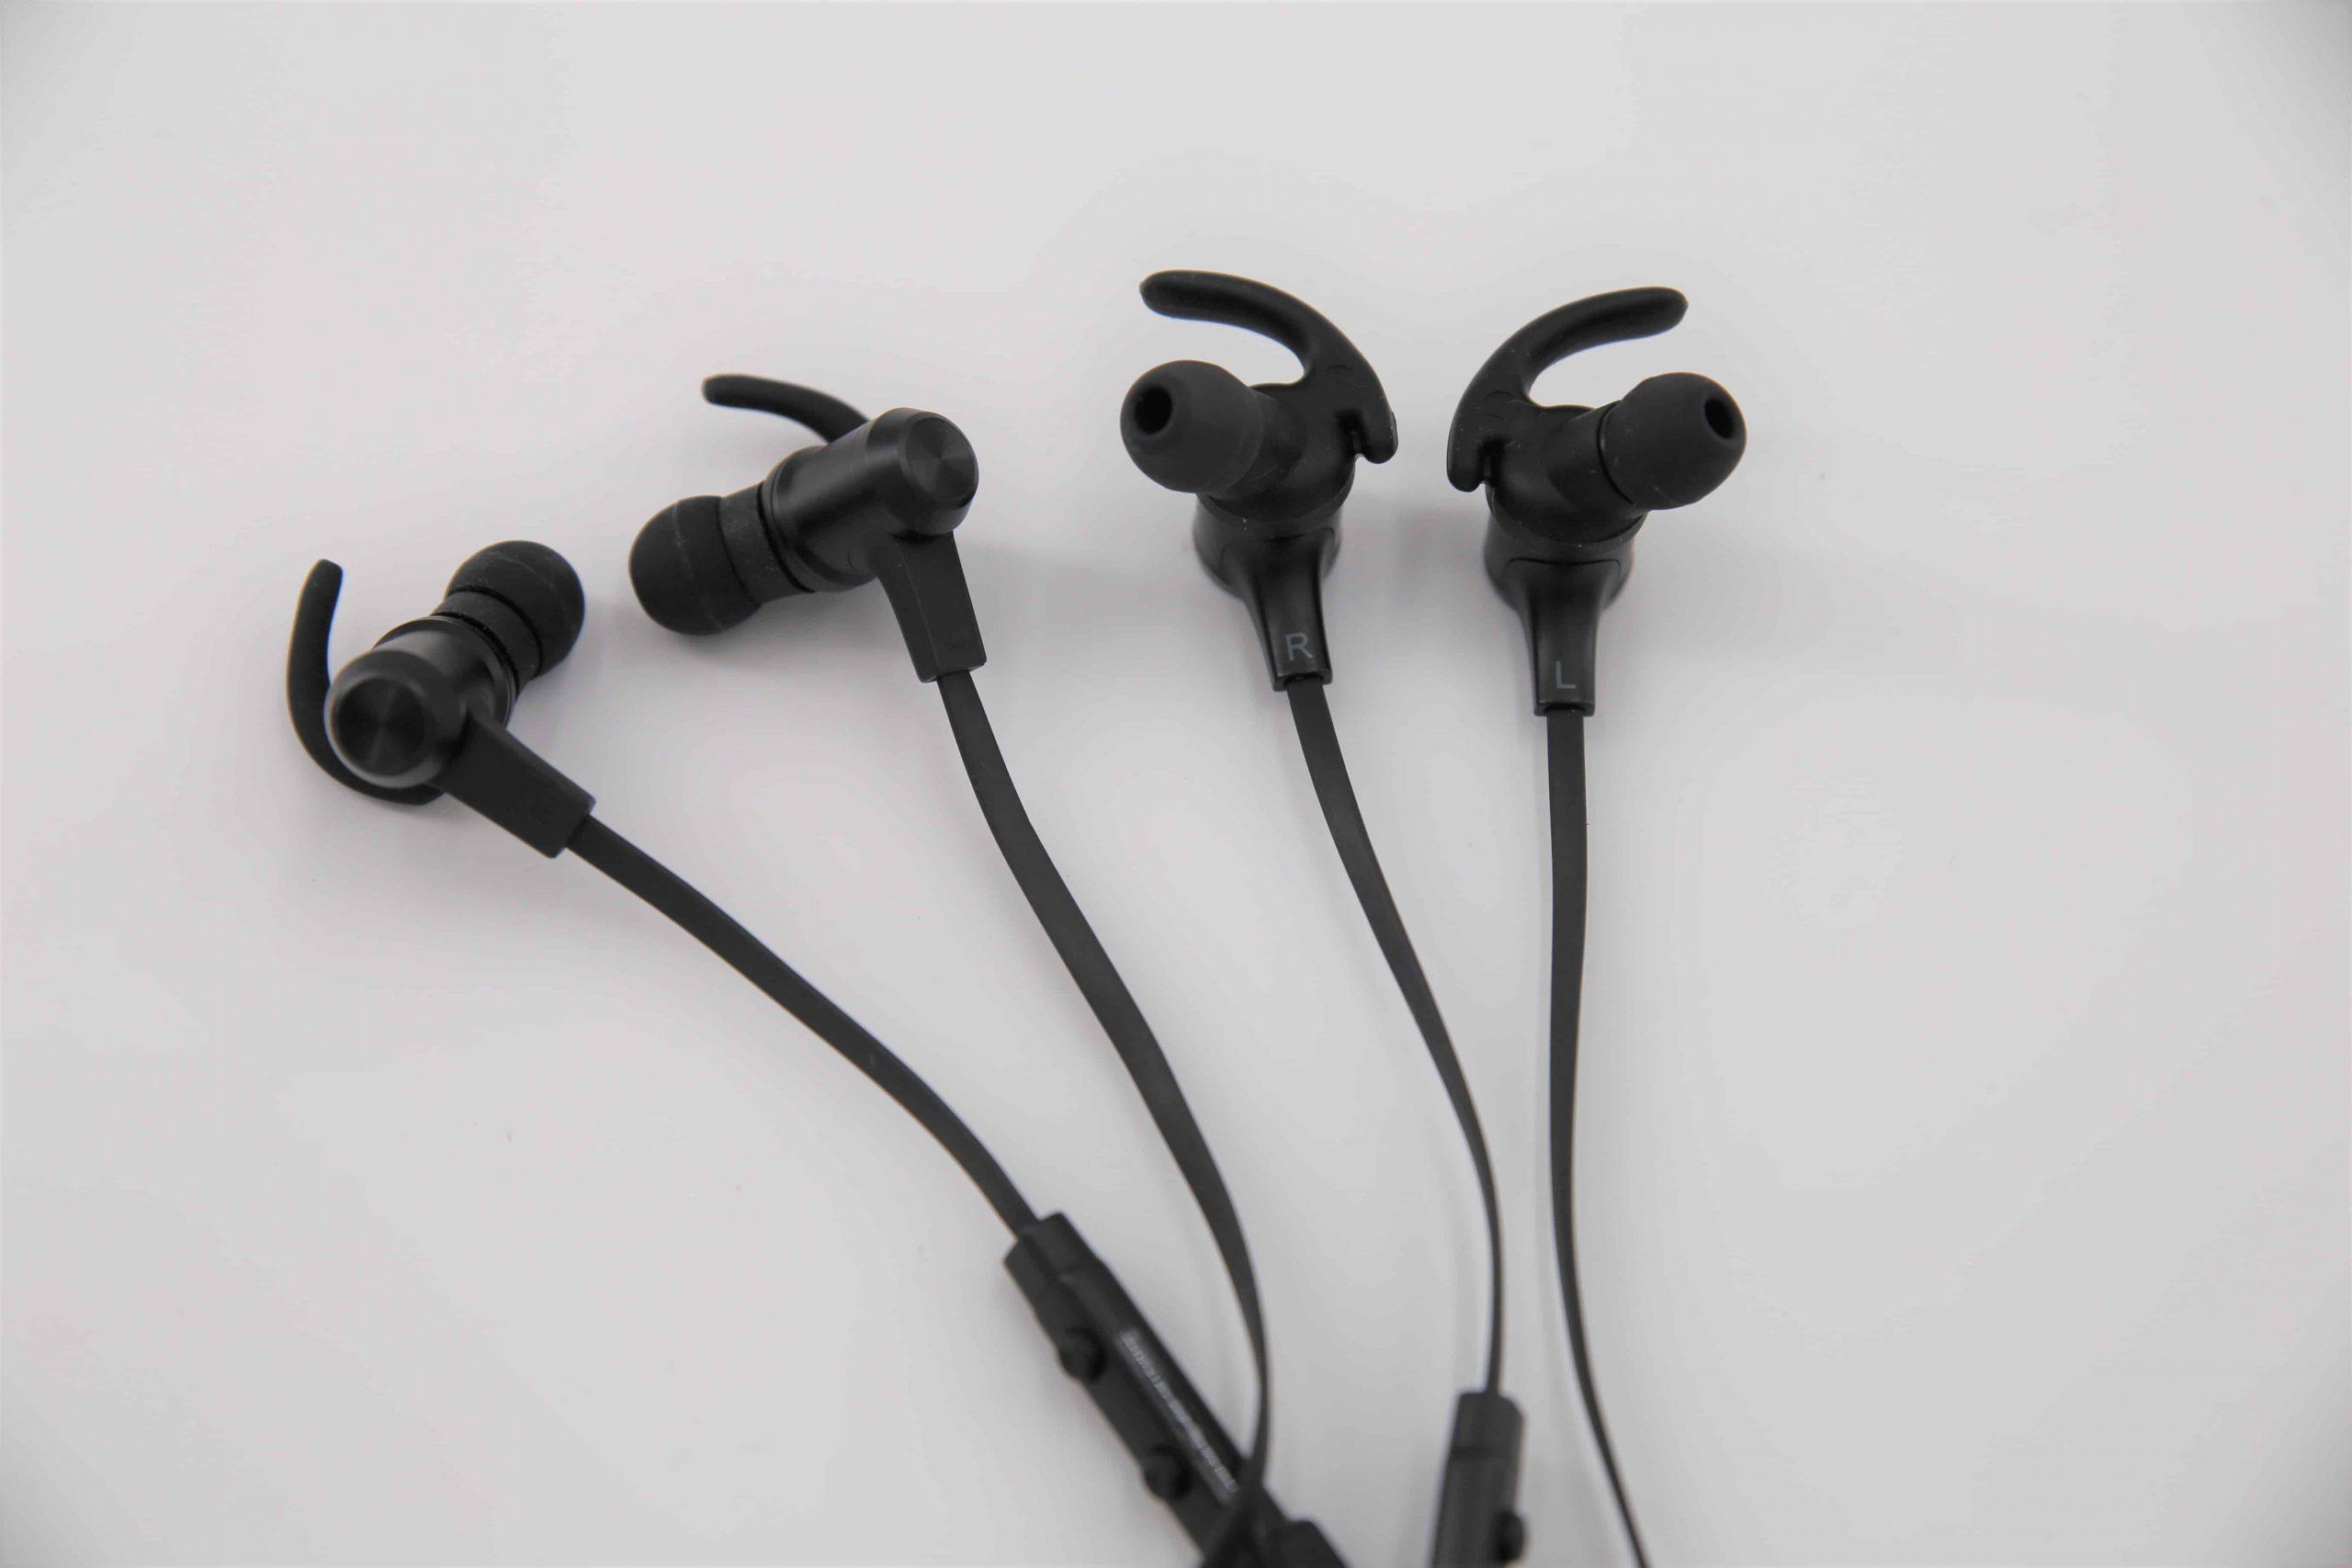 藍芽耳機CP值兩大巨頭 - VAVA MOOV 28 與 TaoTronics TT-BH07細緻度